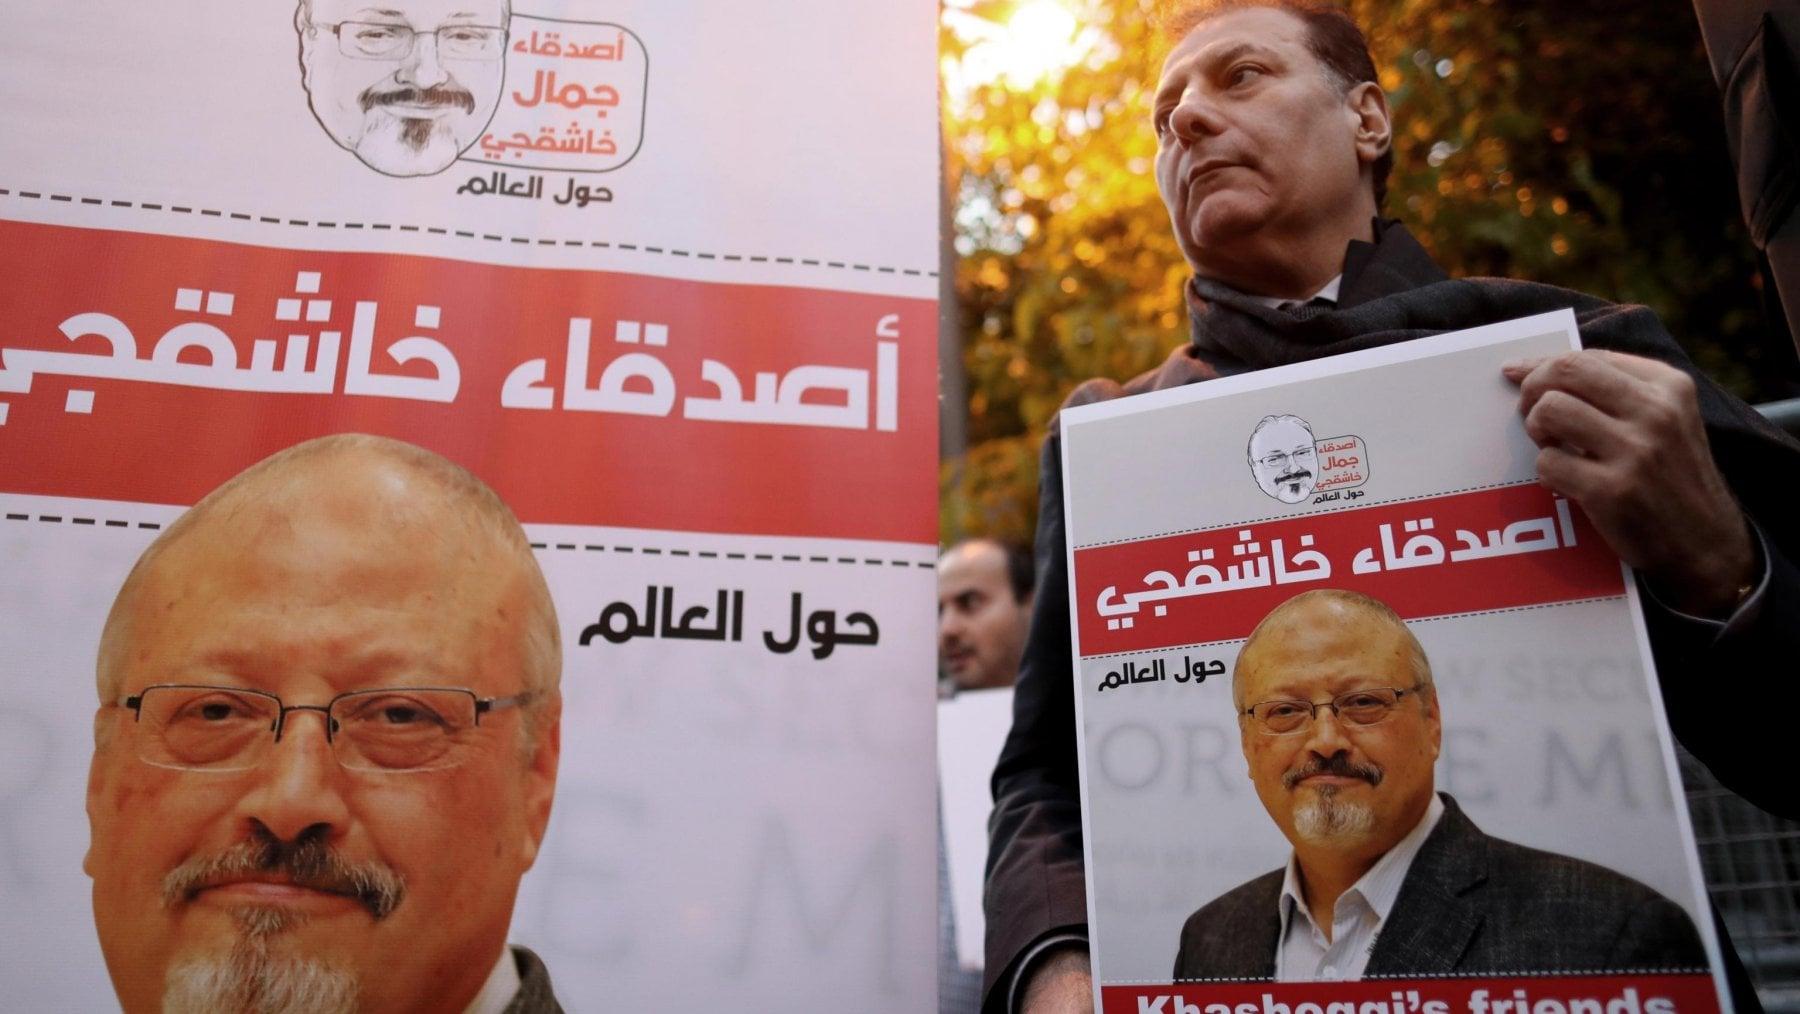 Per la Cia il mandante dell'omicidio Khashoggi è bin Salman